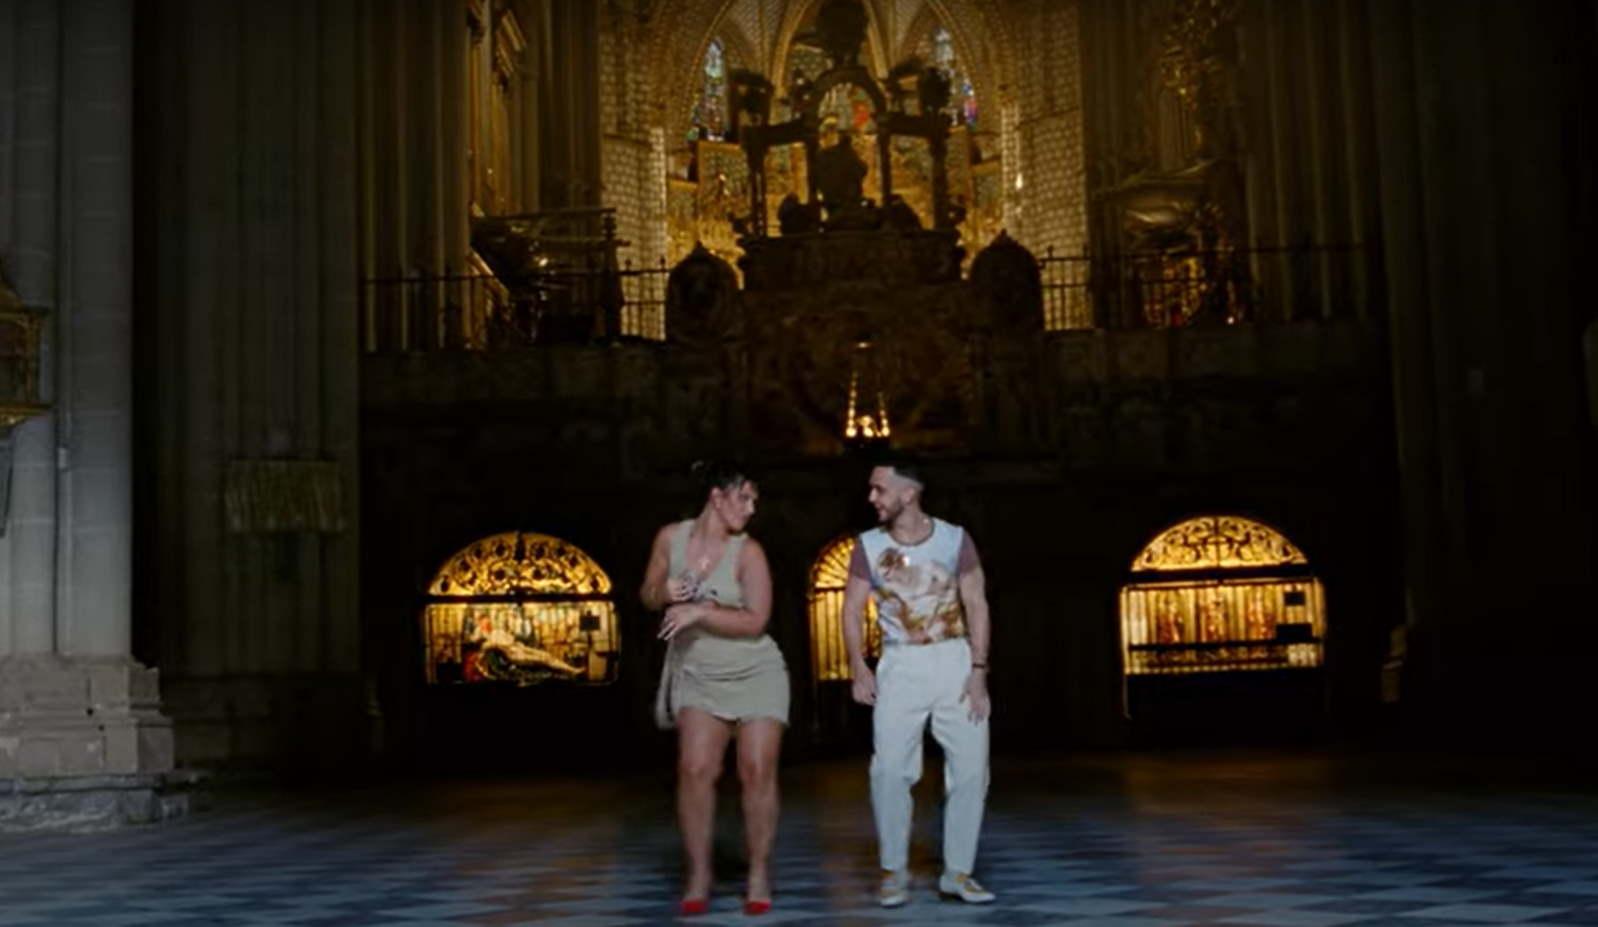 C. Tangana y Nathy Peluso, en el videoclip grabado en la Catedral de Toledo